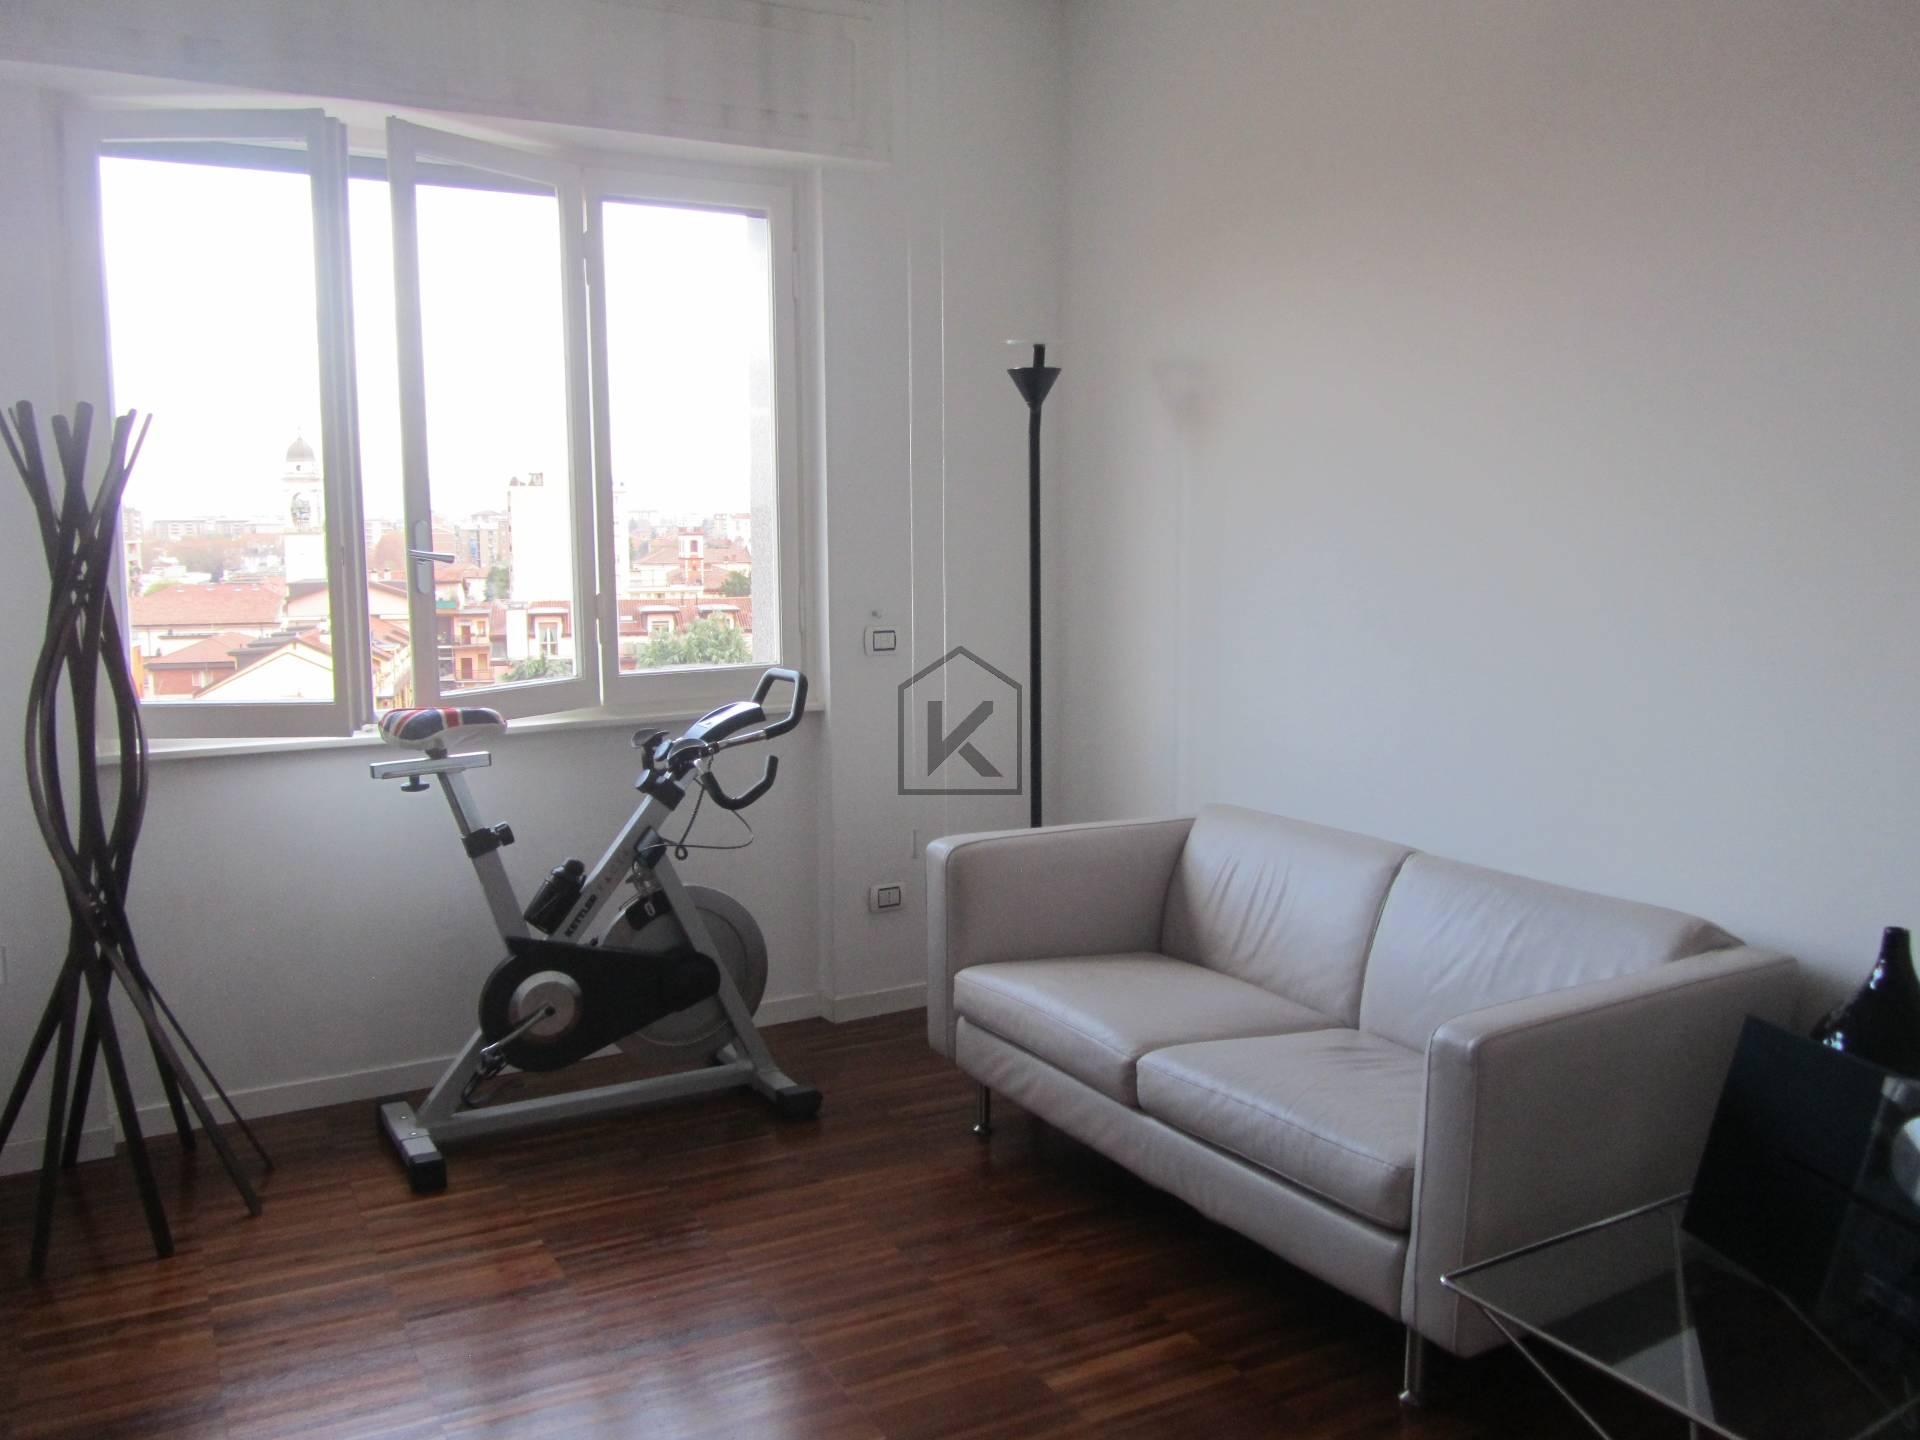 Appartamento in Vendita a Cinisello Balsamo: 2 locali, 55 mq